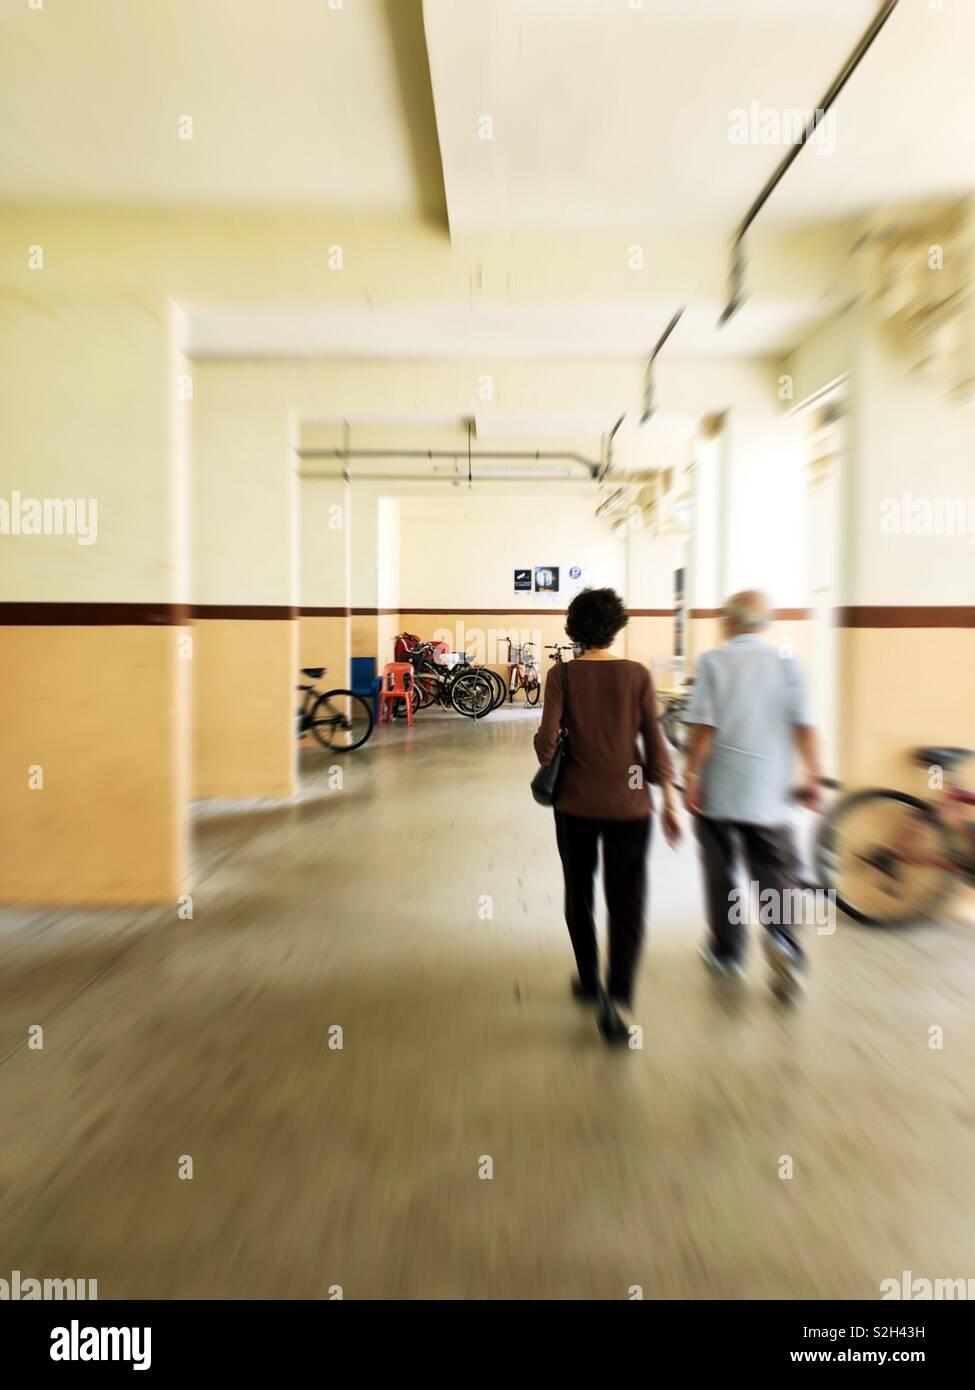 Alterung der Bevölkerung von Singapur. Frauen haben eine höhere Lebenserwartung als Männer. Immer mehr ältere Menschen Gesicht Isolation. Stockbild